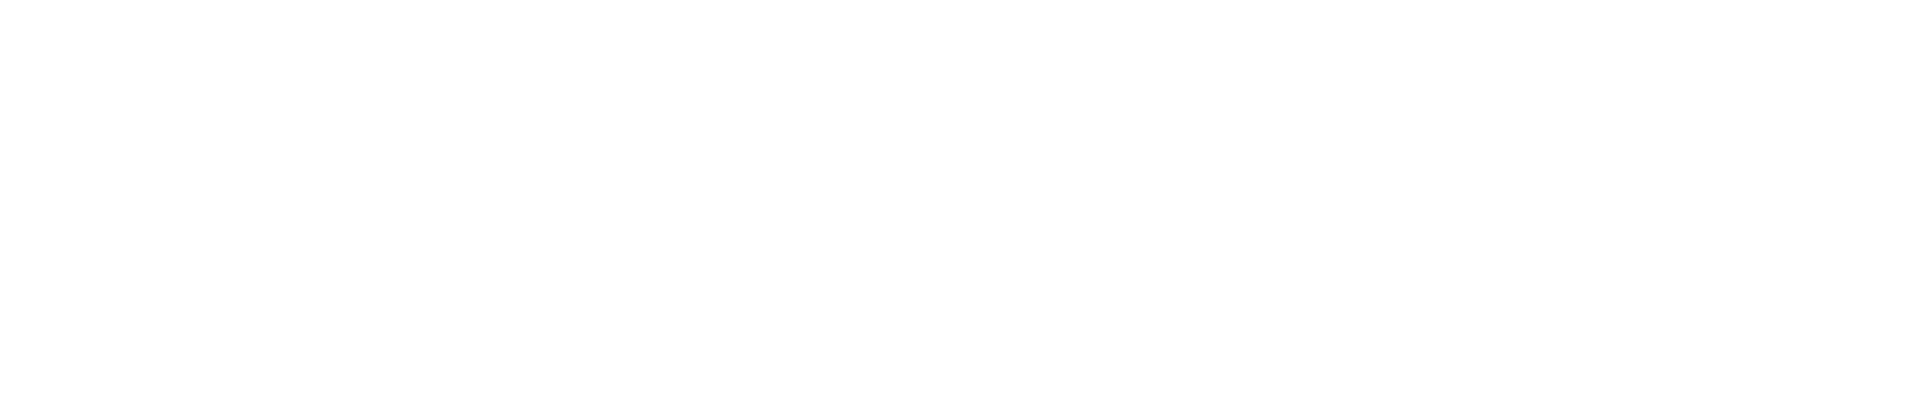 redius-bottom.png